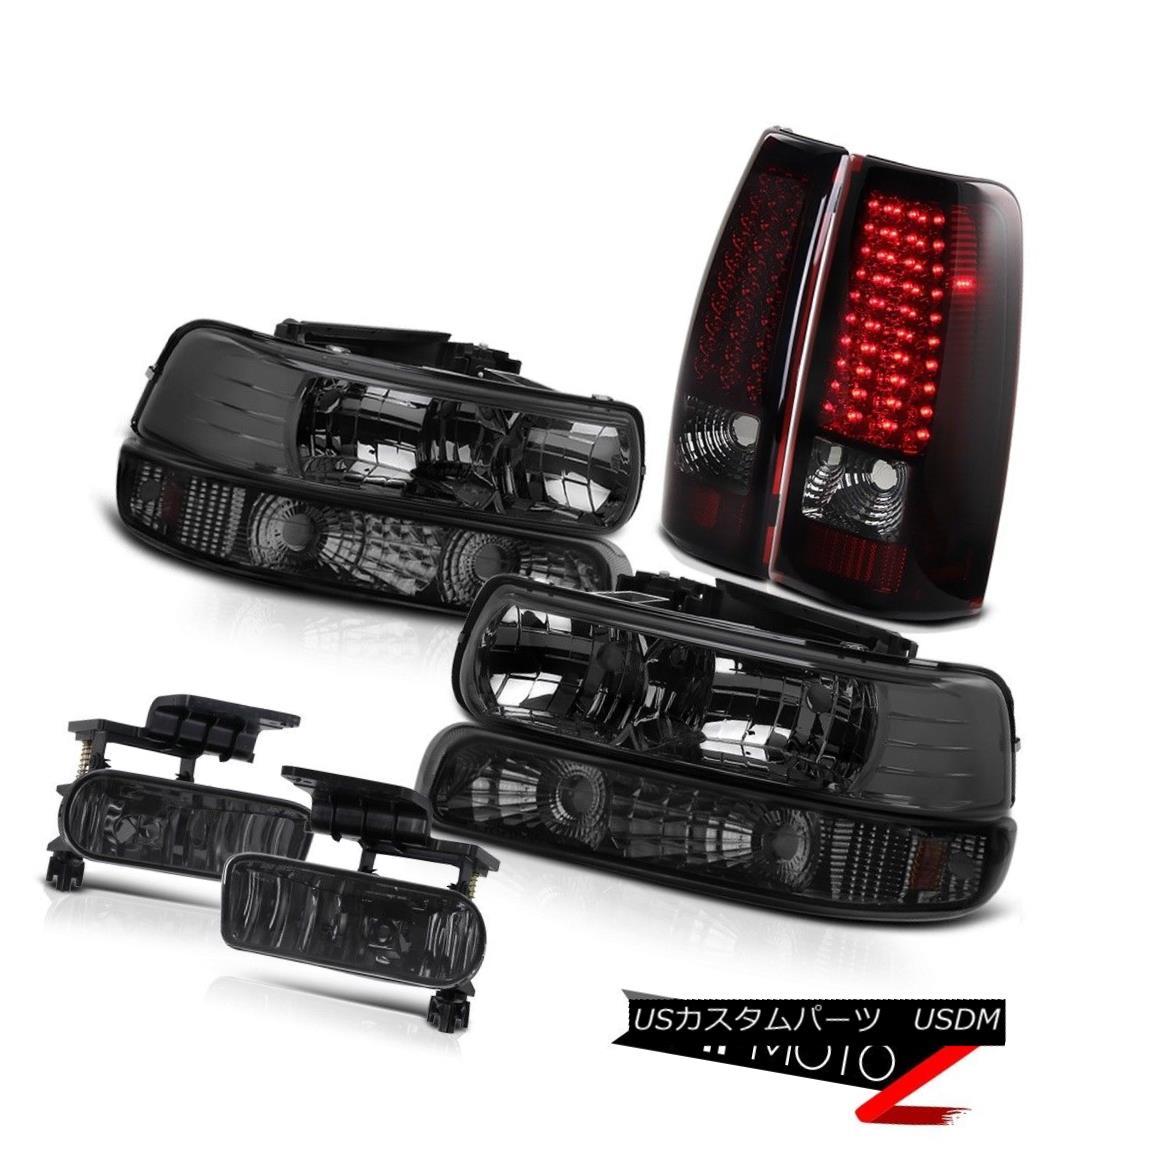 ヘッドライト Crystal Headlights Turn Signal LED Bulbs Tail Lights Driving Fog 99-02 Silverado クリスタルヘッドライトターンシグナルLED電球テールライトドライビングフォグ99-02 Silverado